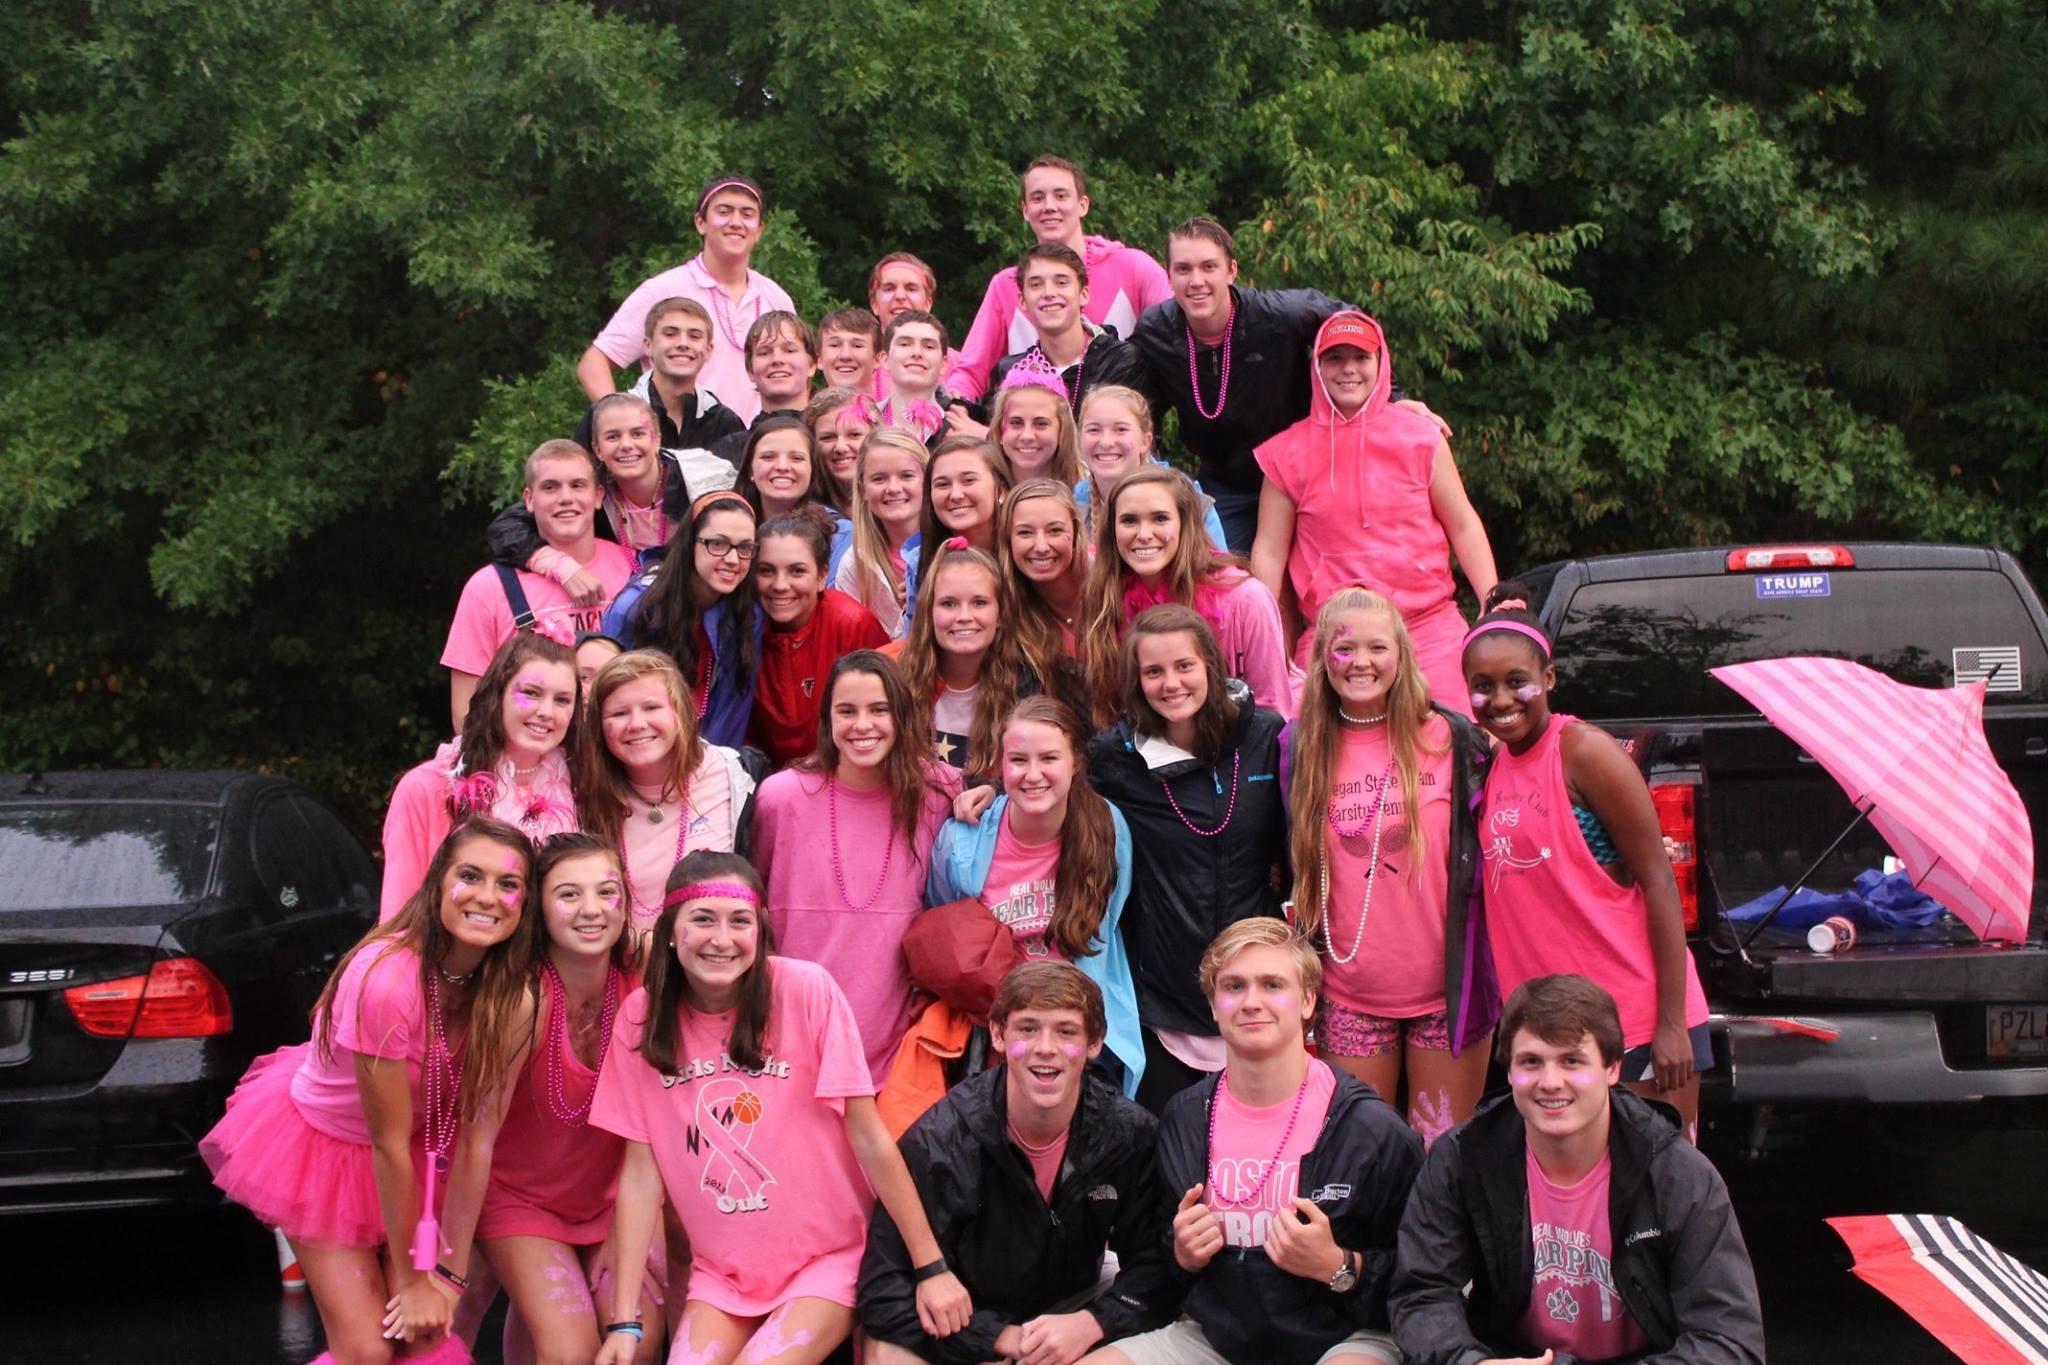 seniors-in-pink-e1477333465555.jpg